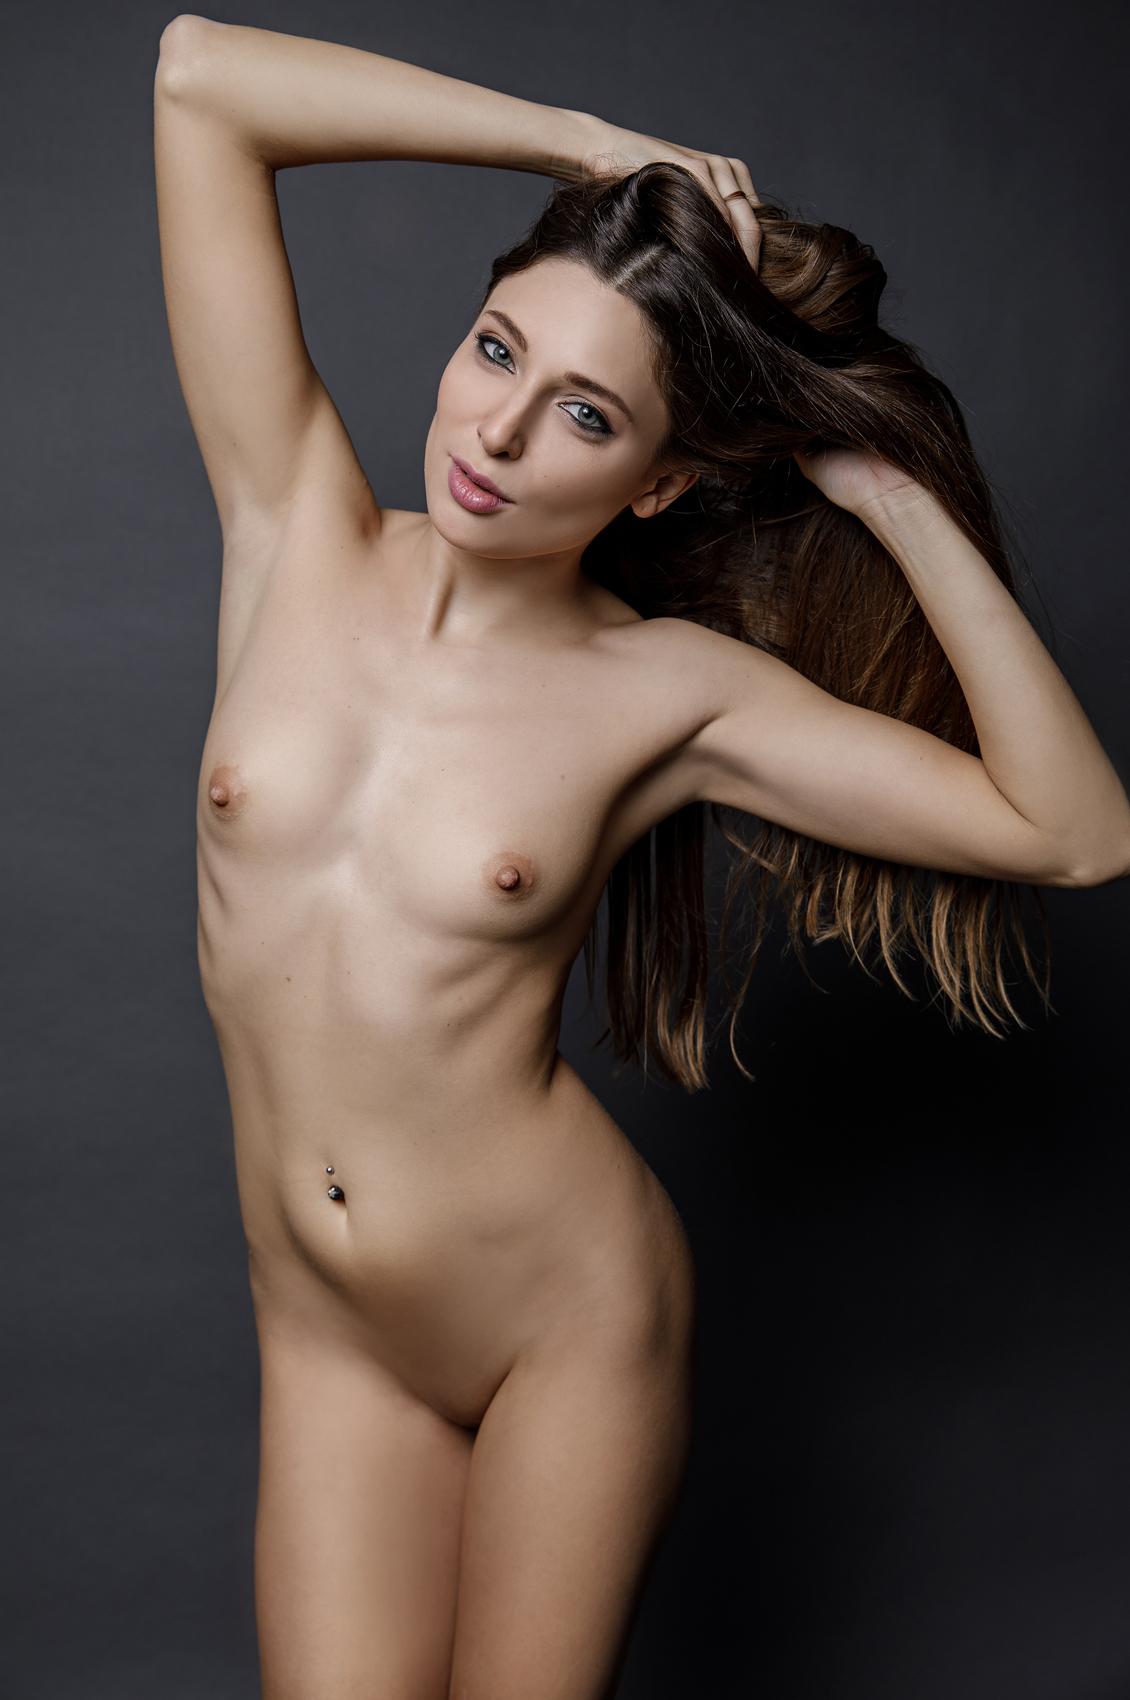 Talia Mint's VR Porn Videos, Bio & Free Nude Pics